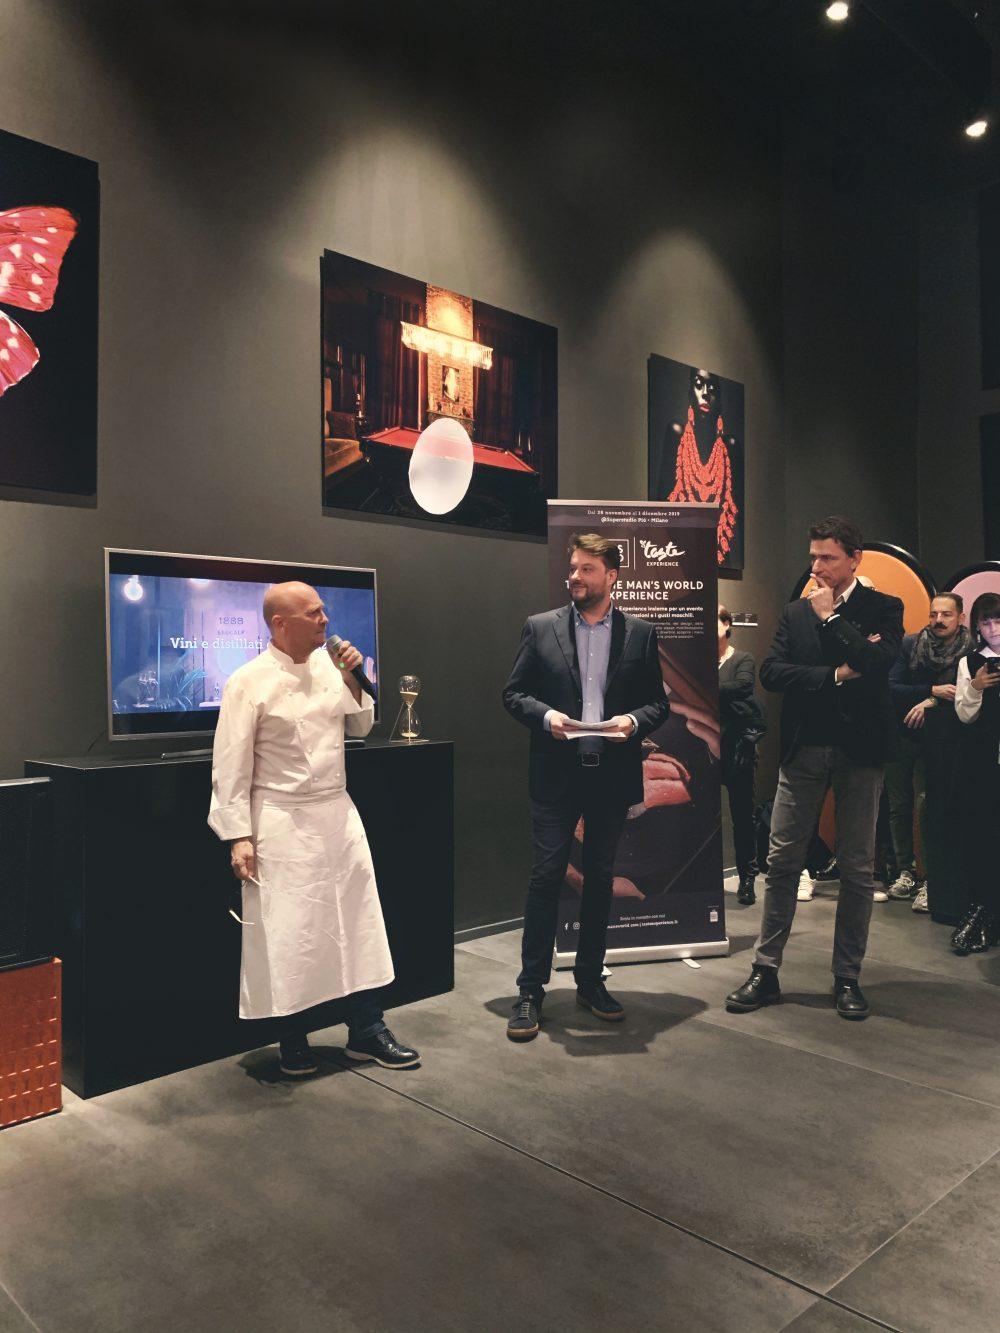 Presentazione Taste- La conferenza stampa foto - Credits Adriano Truscello